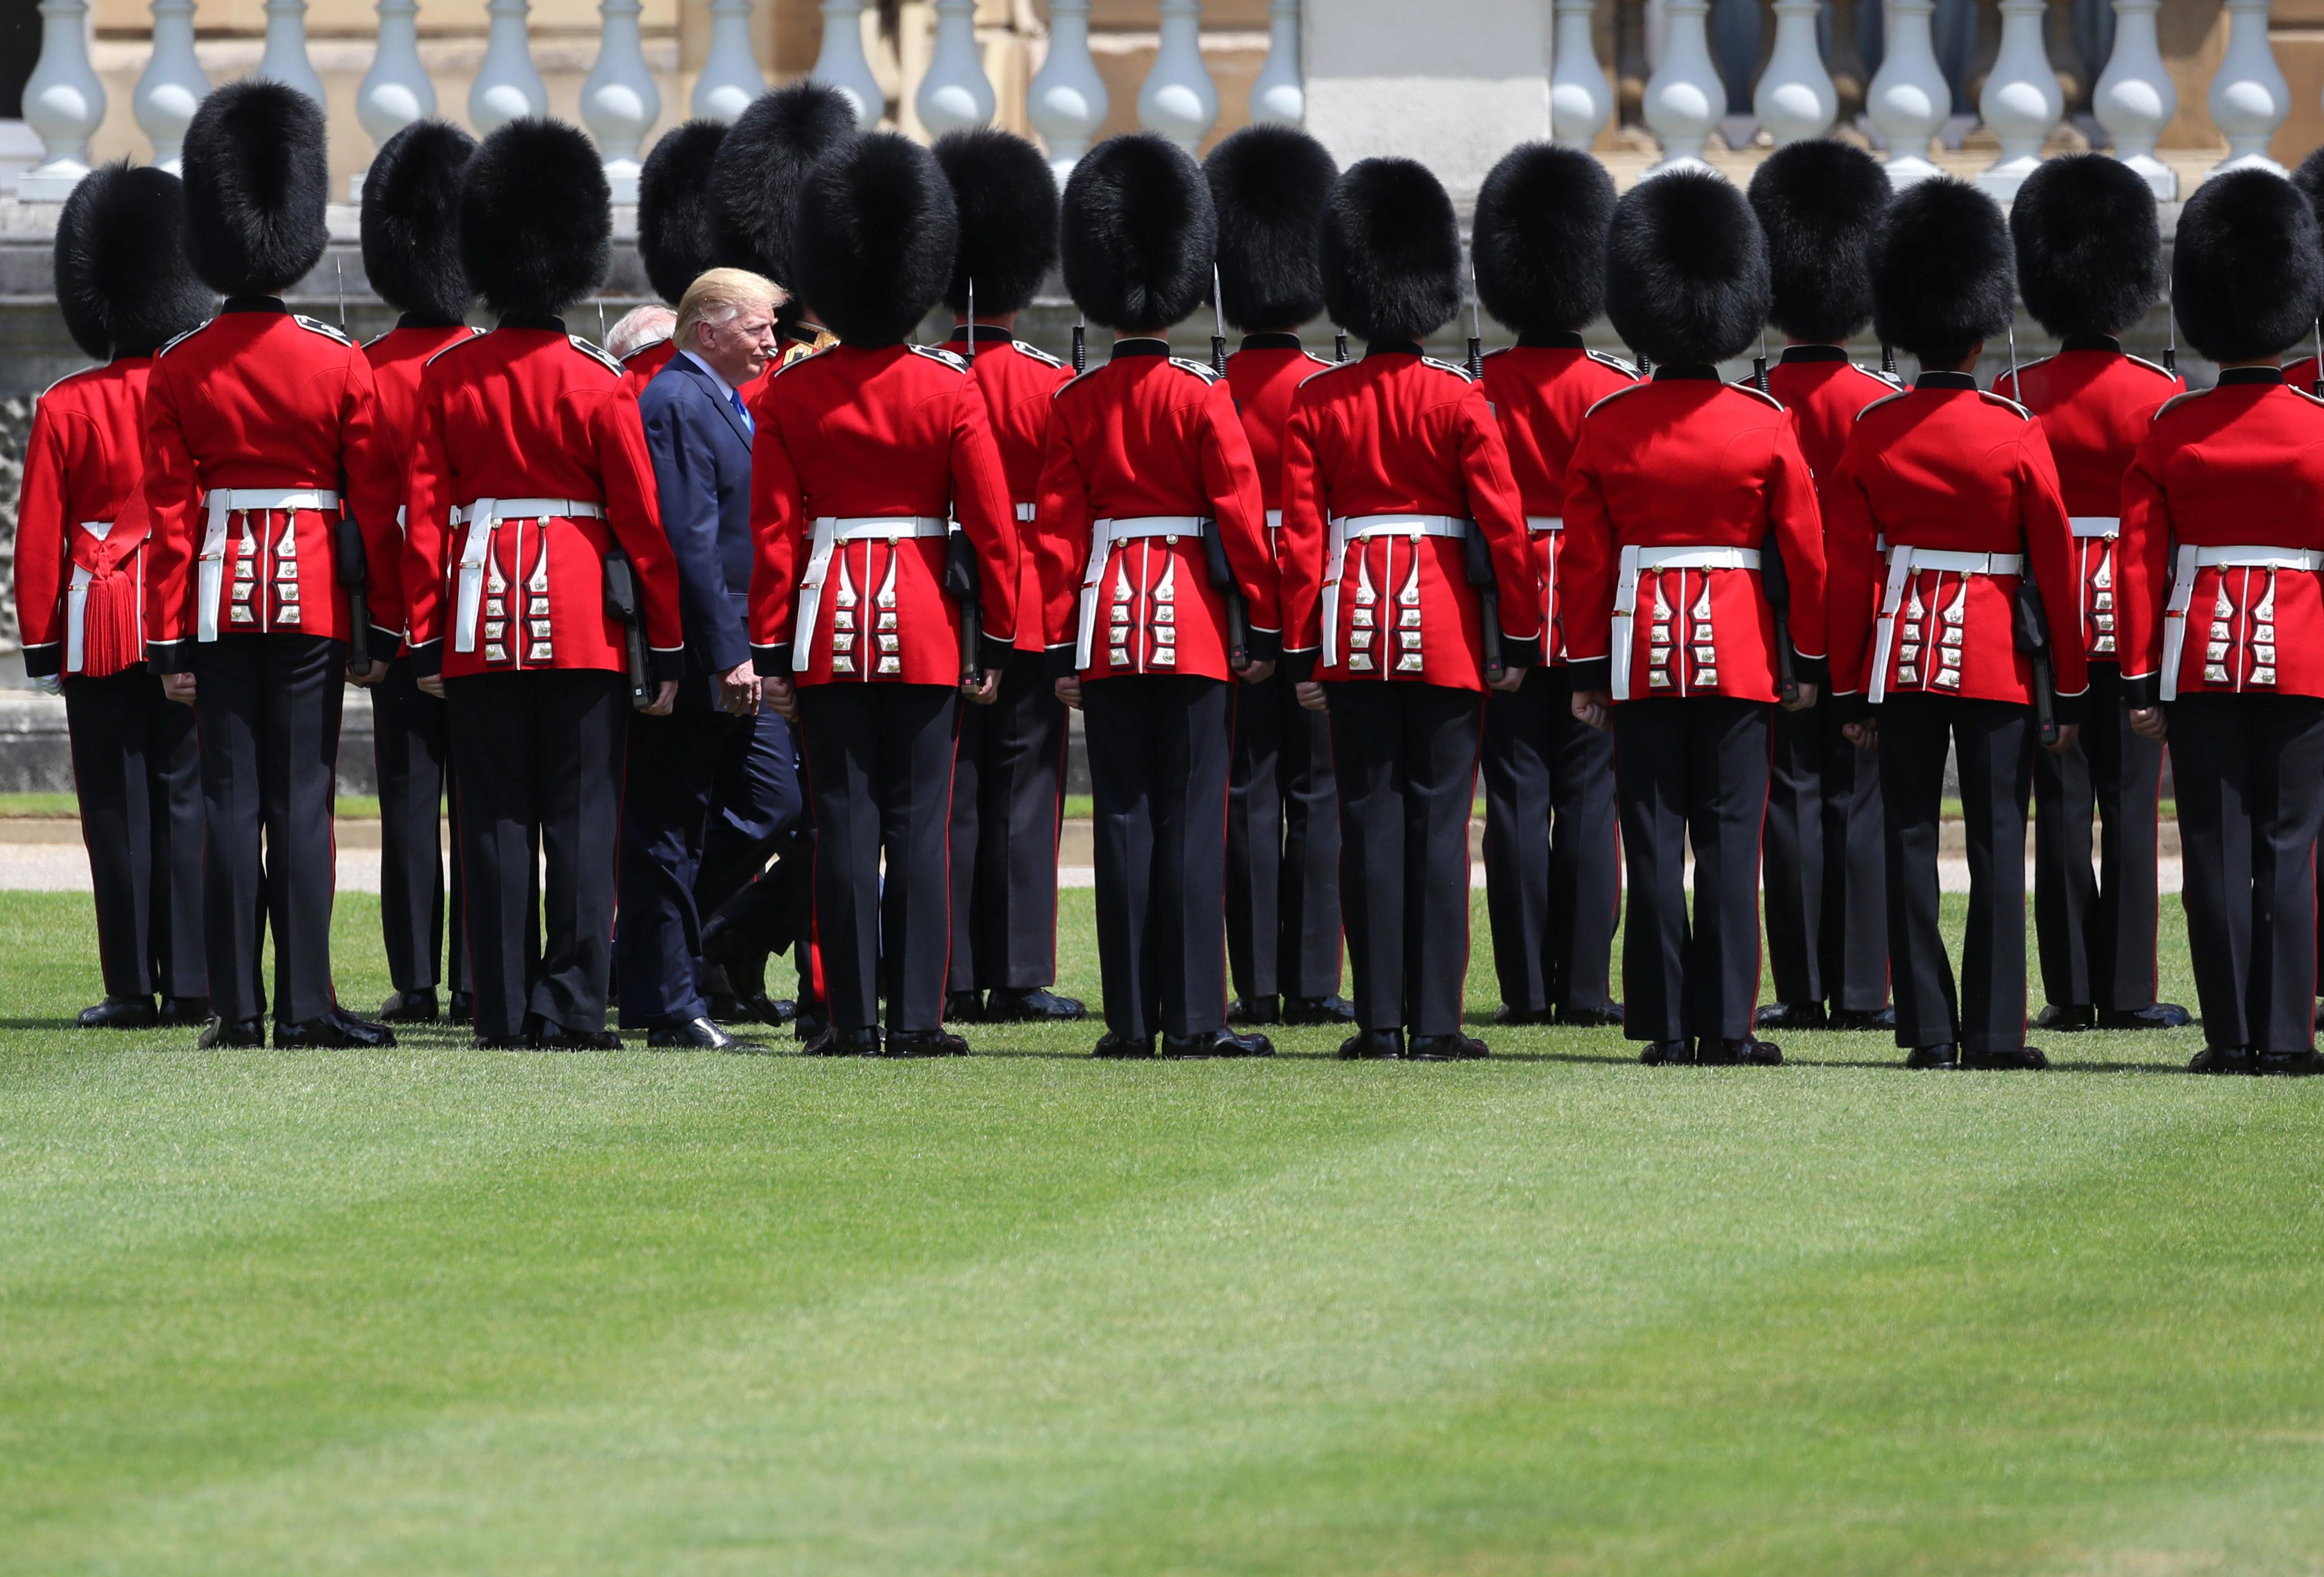 الرئيس دونالد ترامب أثناء مروره بحرس الشرف